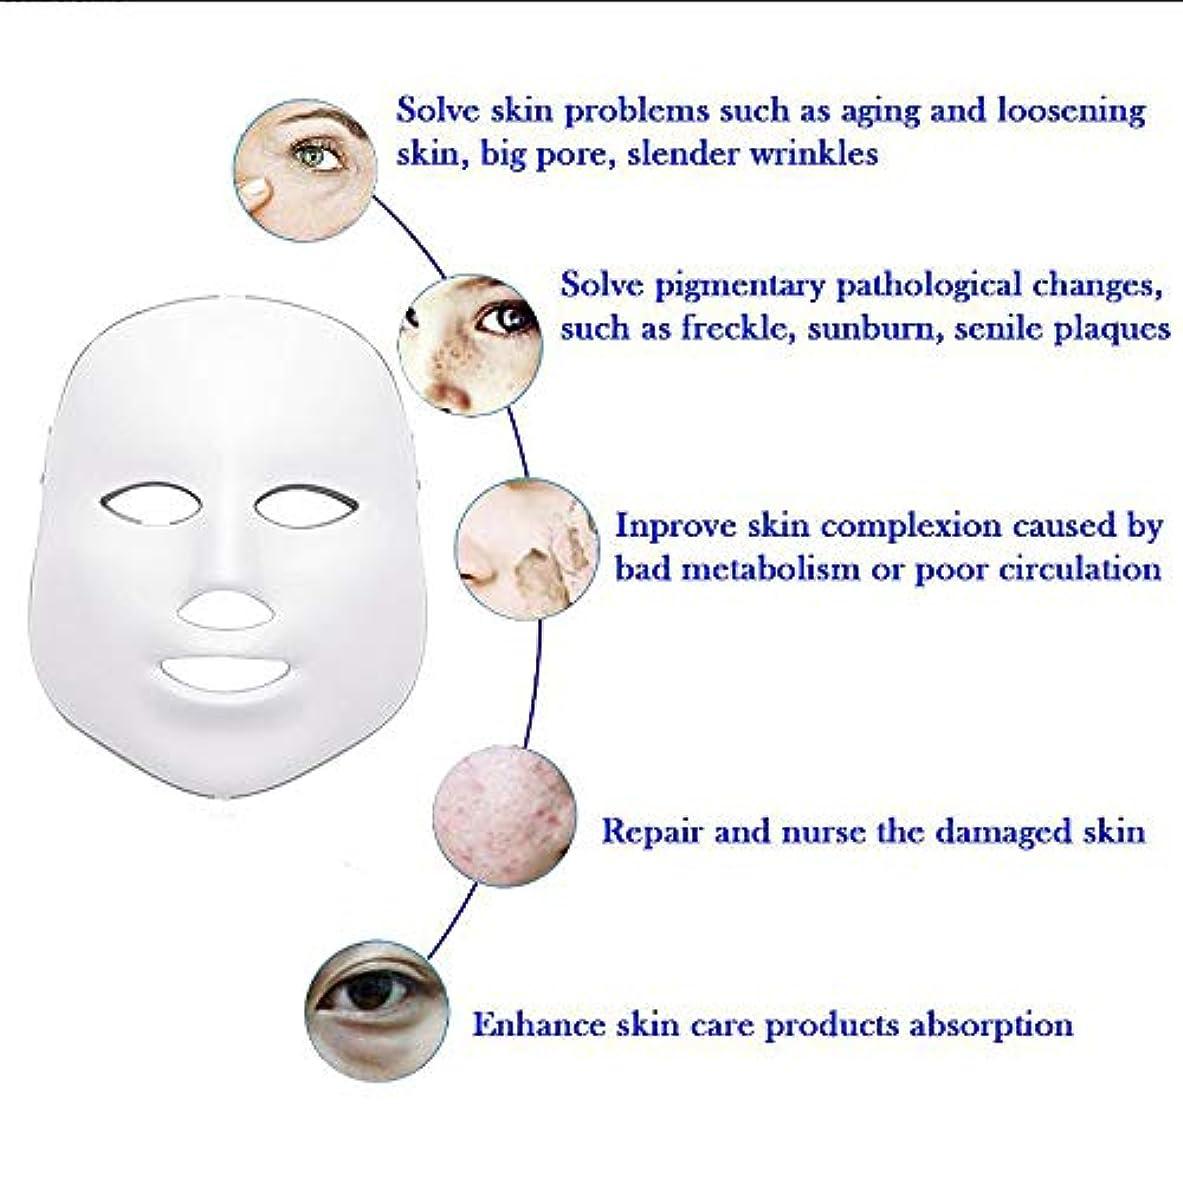 よろめく土支払いLEDフェイスマスク、7色フォトンブルーレッドライトスキンリジュビネーションフェイシャルスキンケアマスク、アンチエイジング、しわ、瘢痕フェイシャルスキンケアマスク